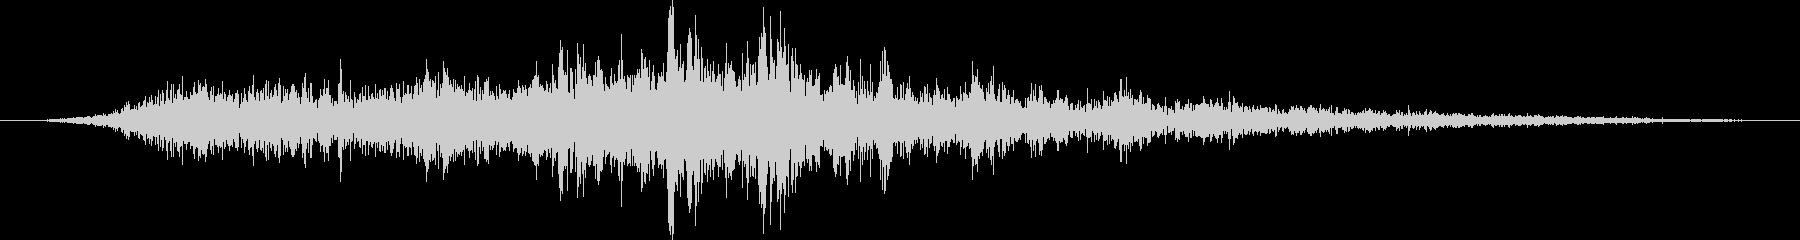 トラム:内線:パスバイの未再生の波形